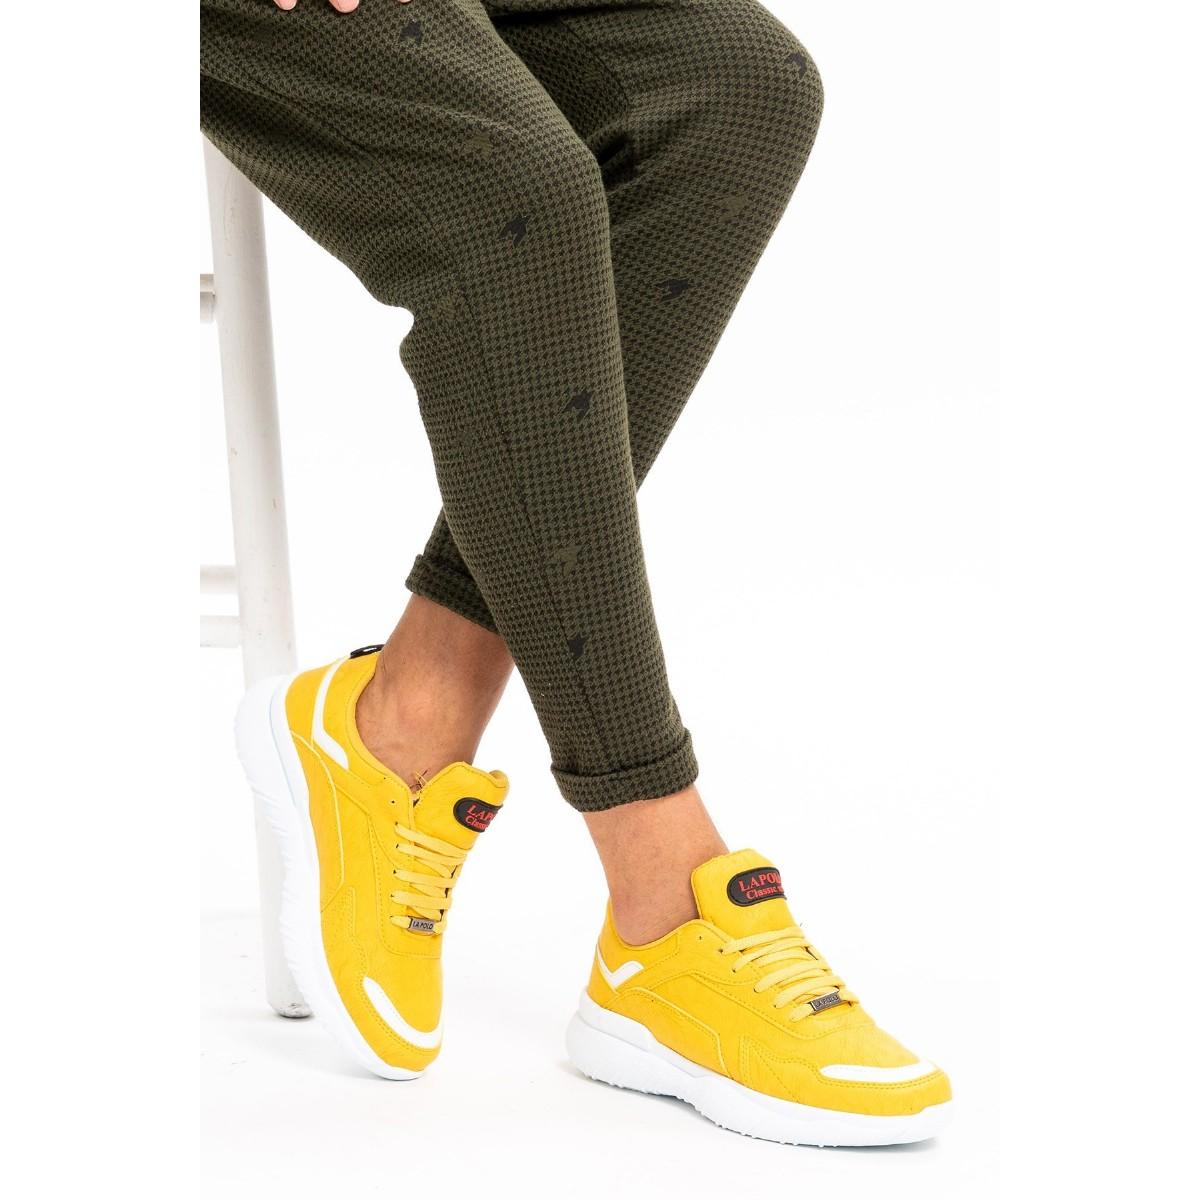 L.A. Polo 106 Sarı Beyaz Erkek Spor Ayakkabı